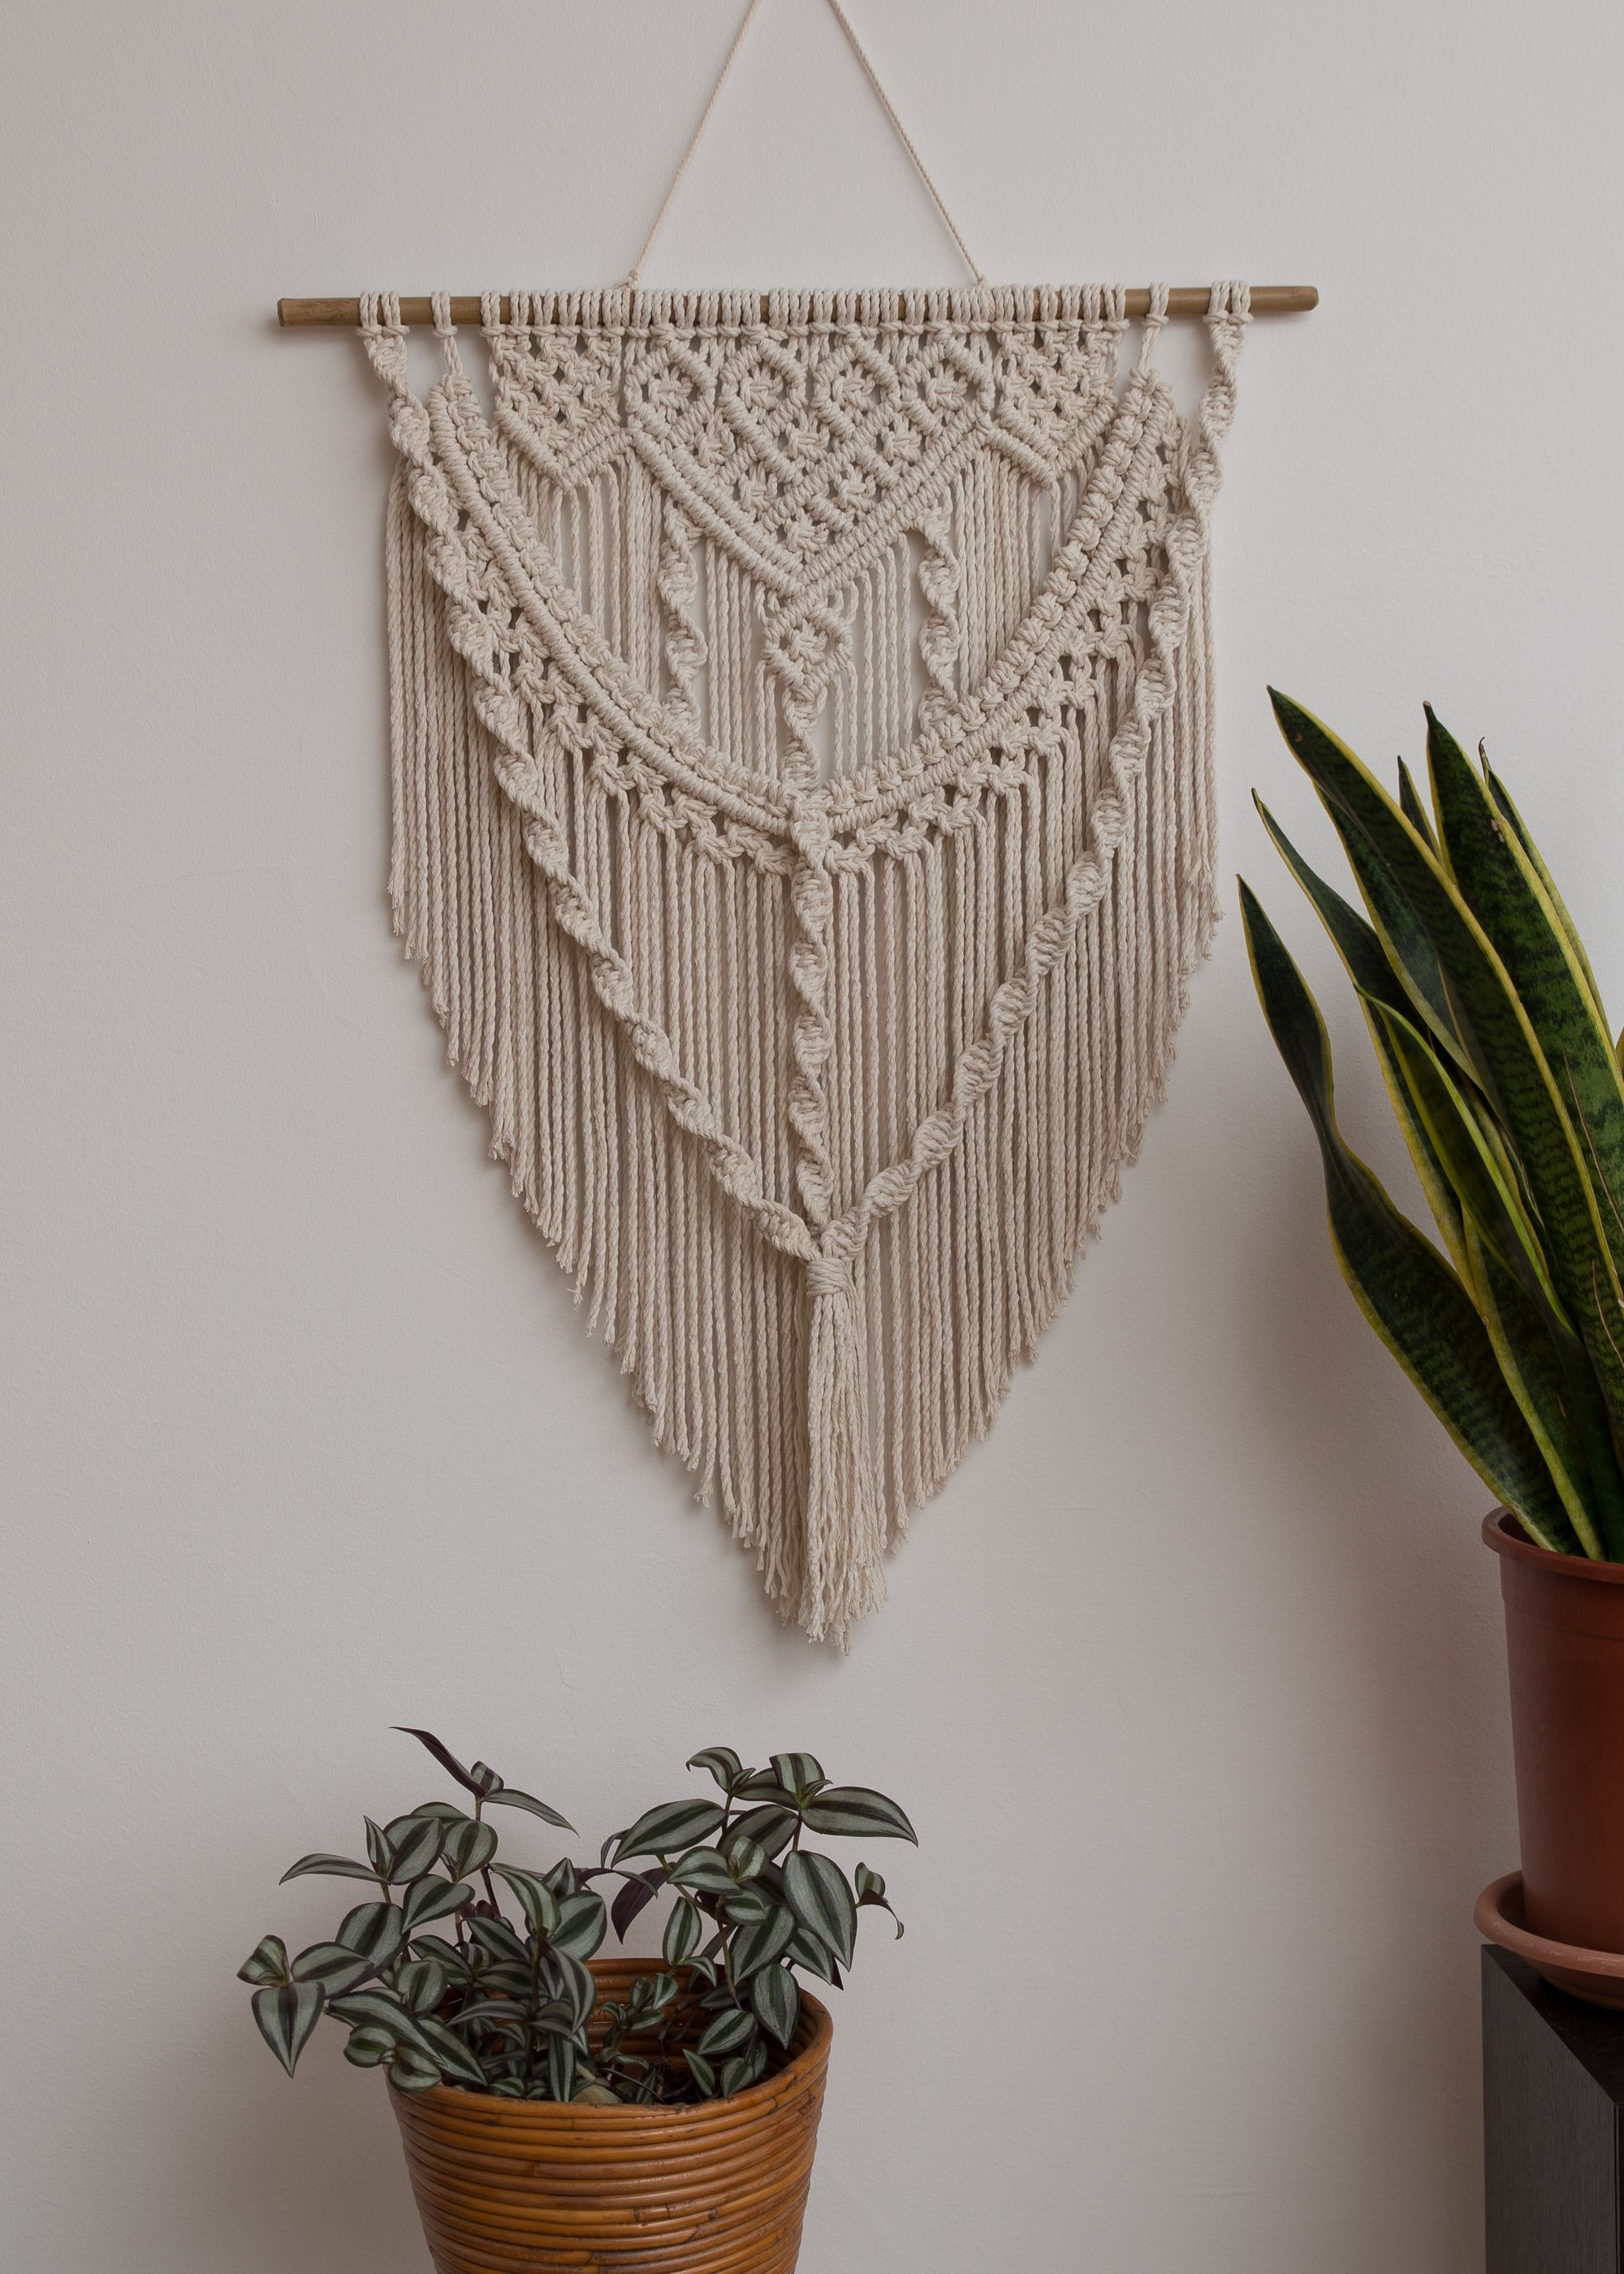 Macrame Wall Hanging Macraweave Macrame Weaving Macrame Wall Tapestry Boho Decor Macrame Decor